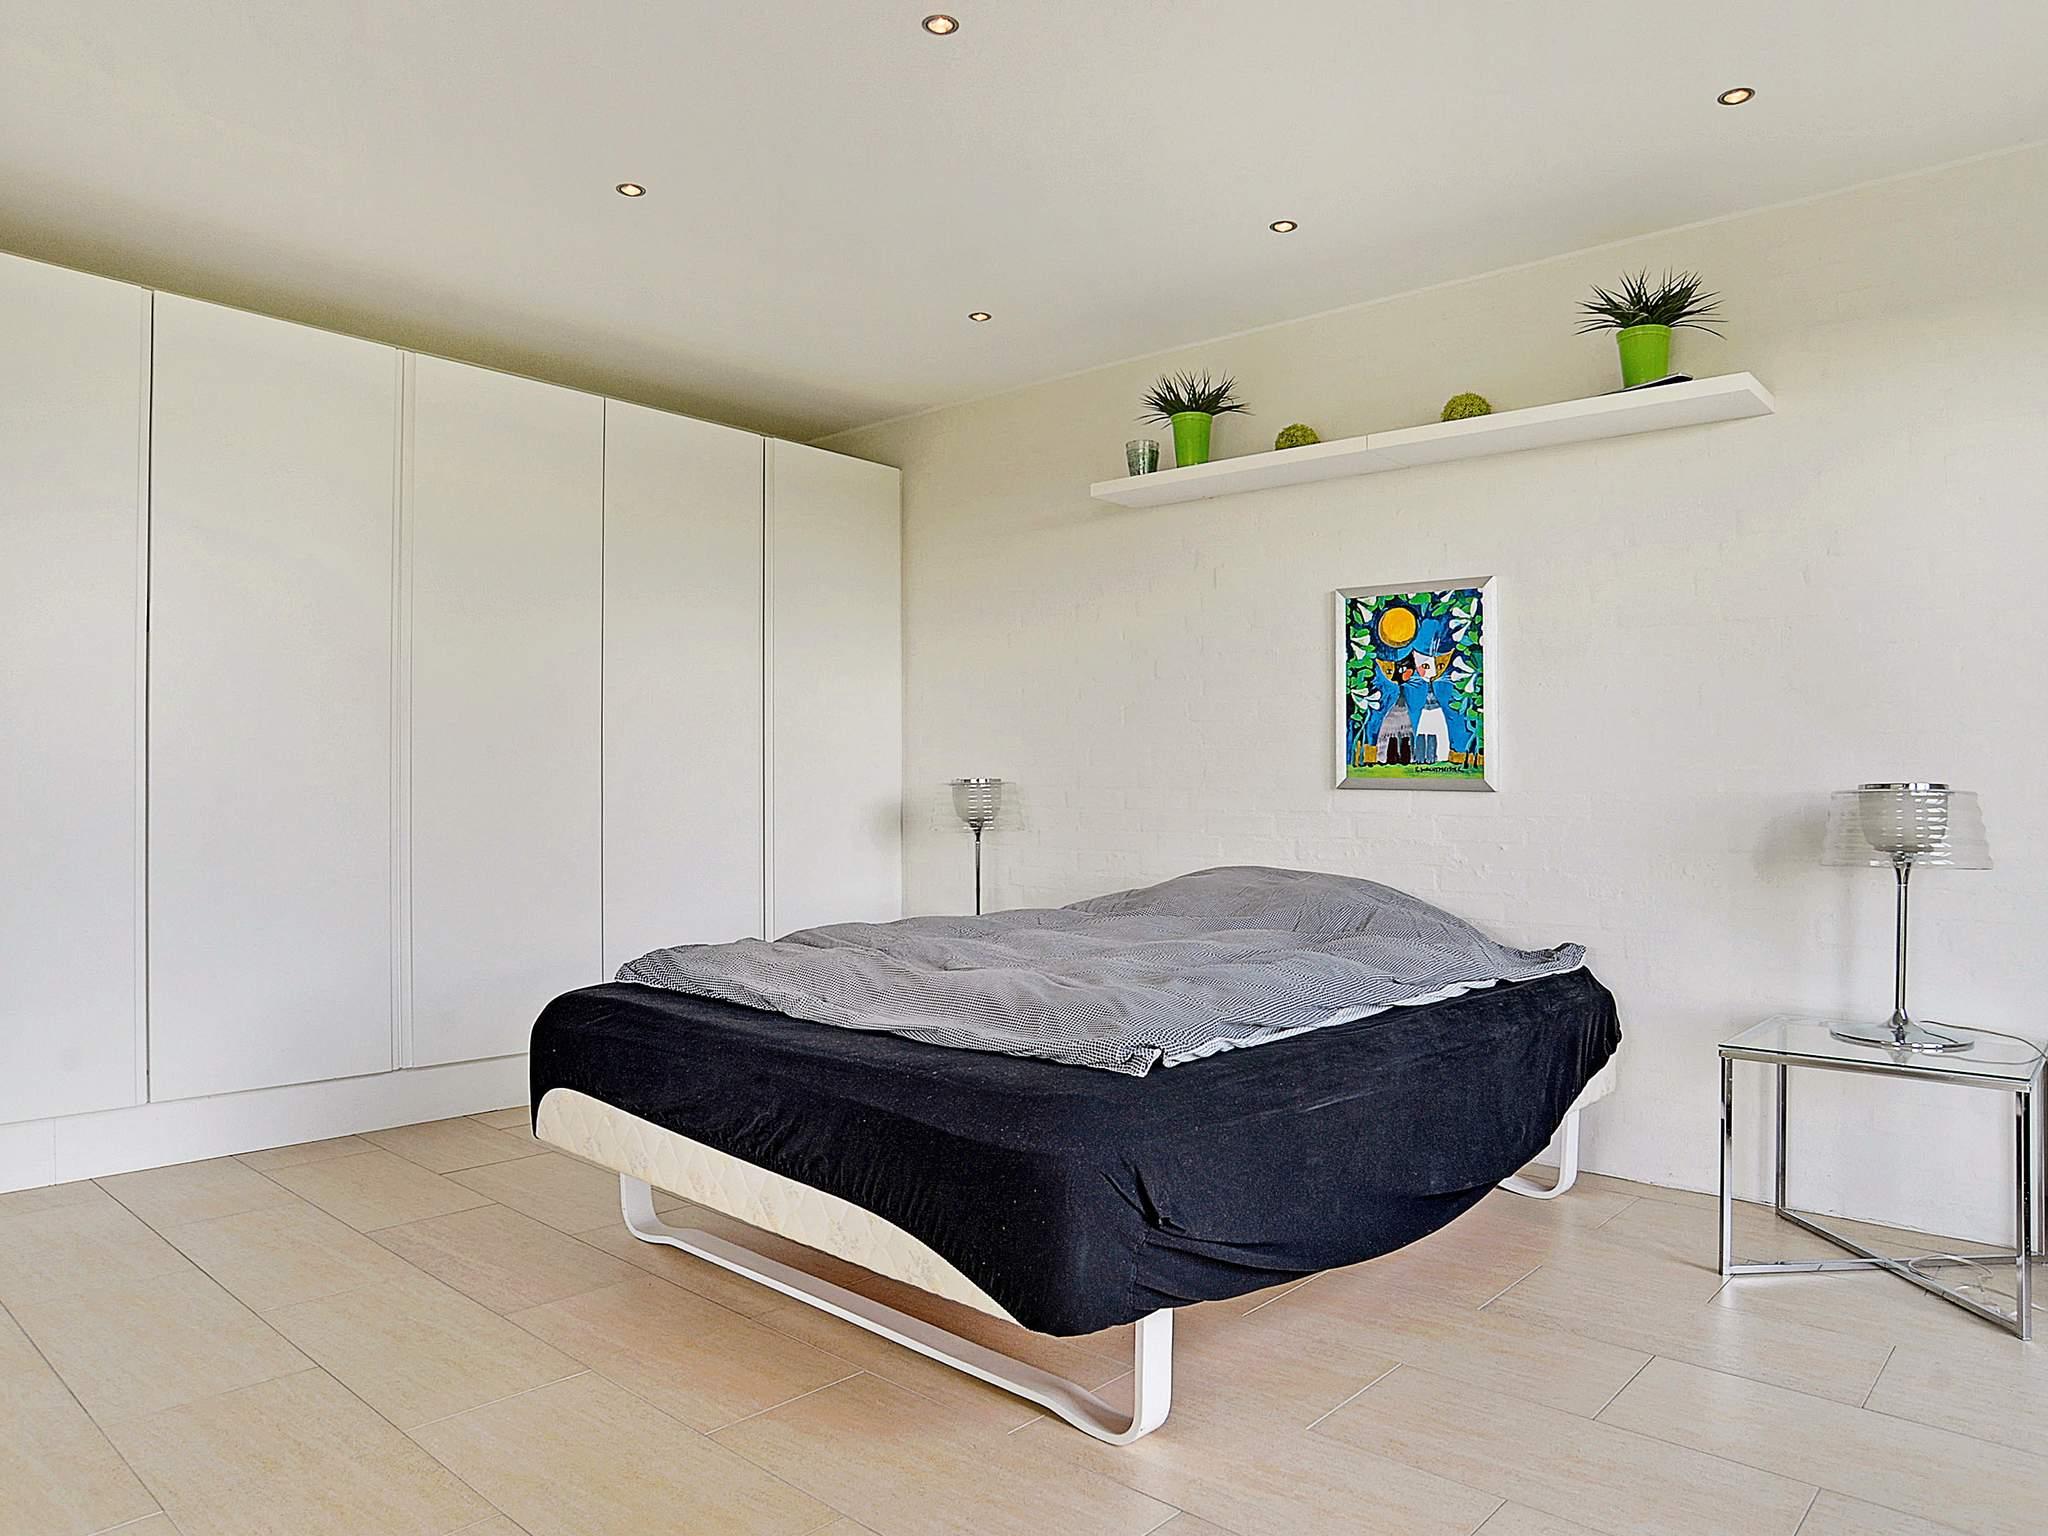 ferienhaus tranum enge f r bis zu 8 personen mieten. Black Bedroom Furniture Sets. Home Design Ideas